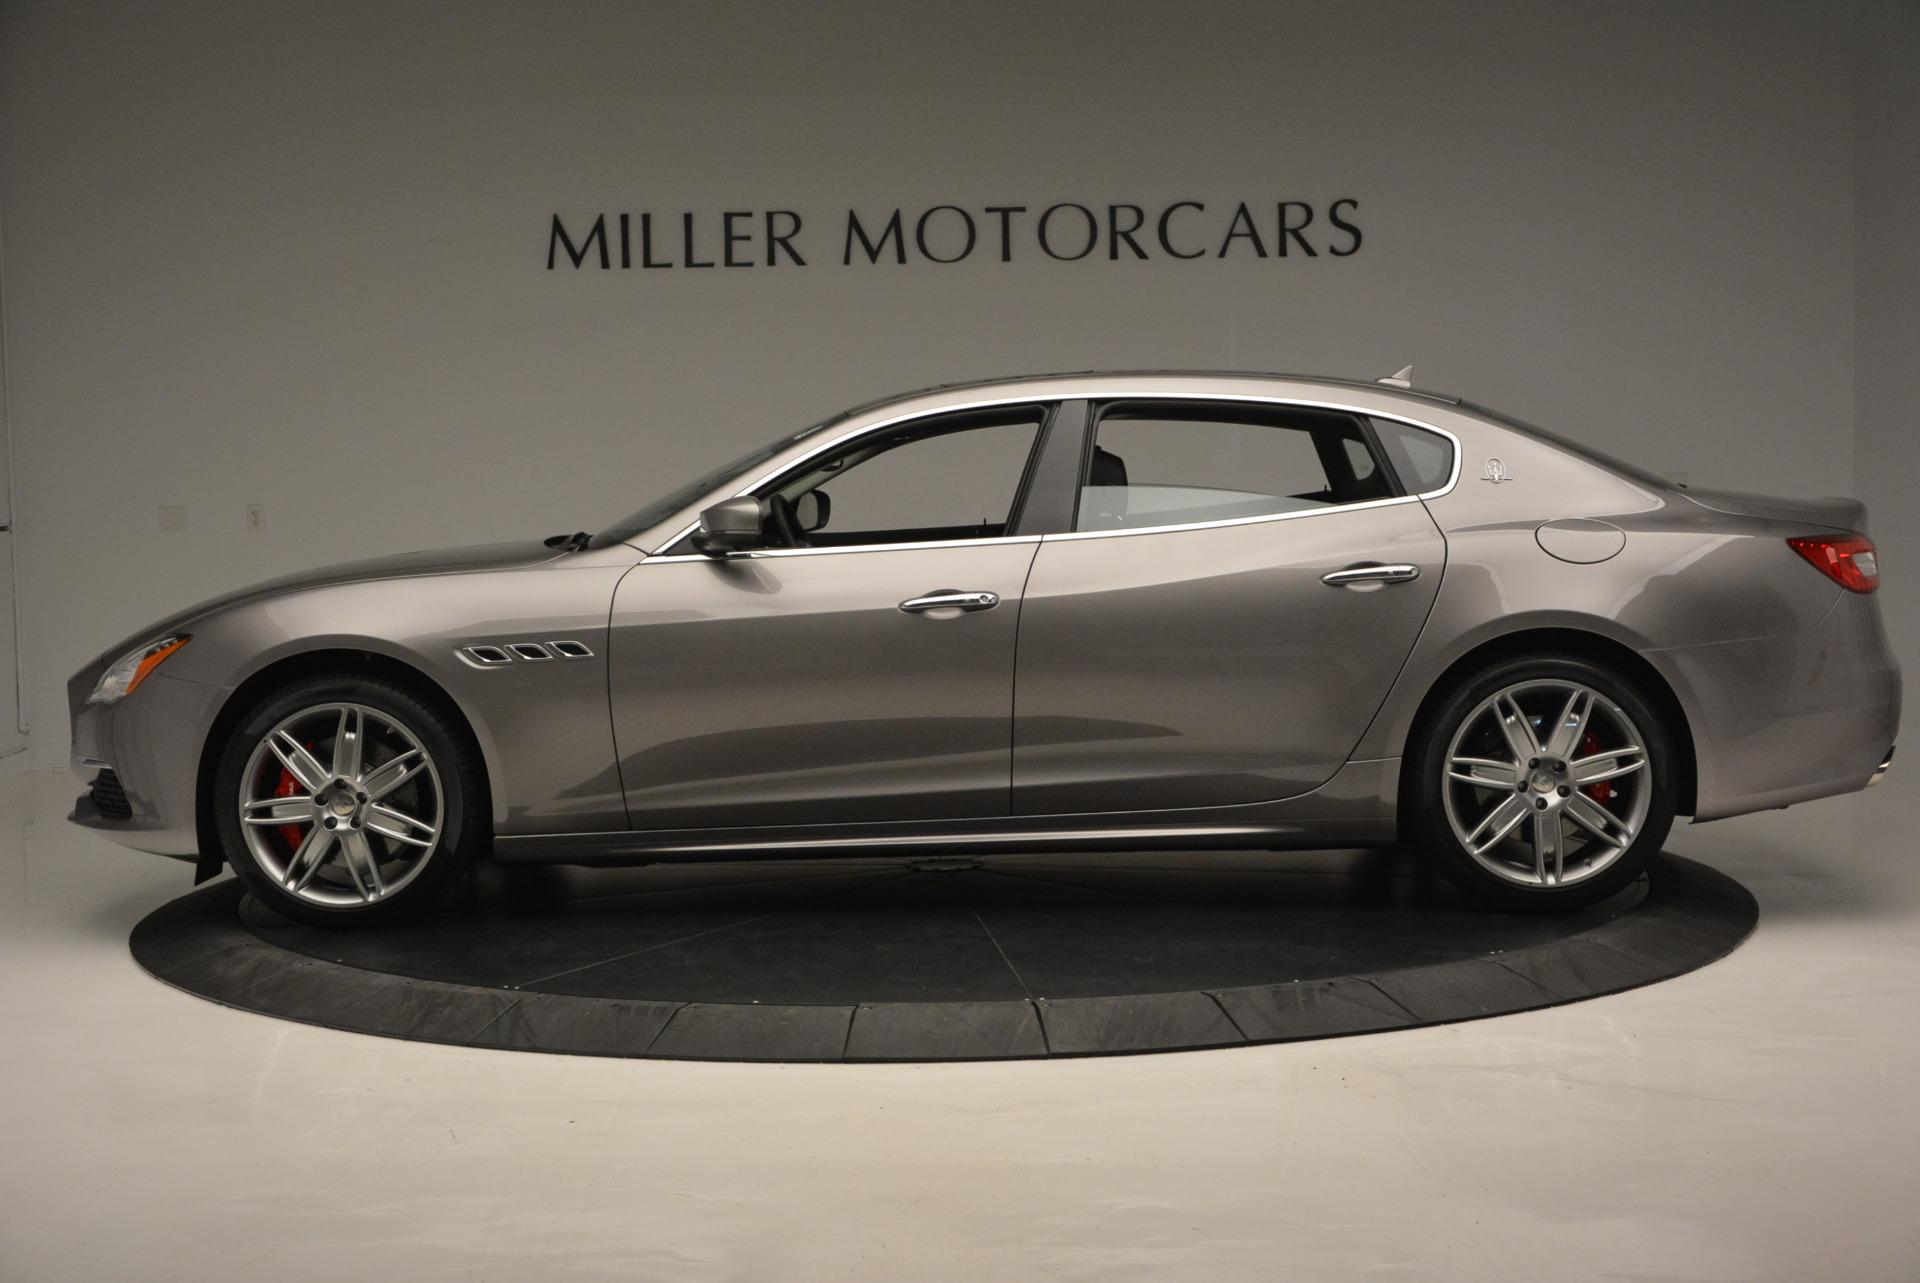 New 2017 Maserati Quattroporte S Q4 GranLusso For Sale In Greenwich, CT. Alfa Romeo of Greenwich, M1686 611_p3